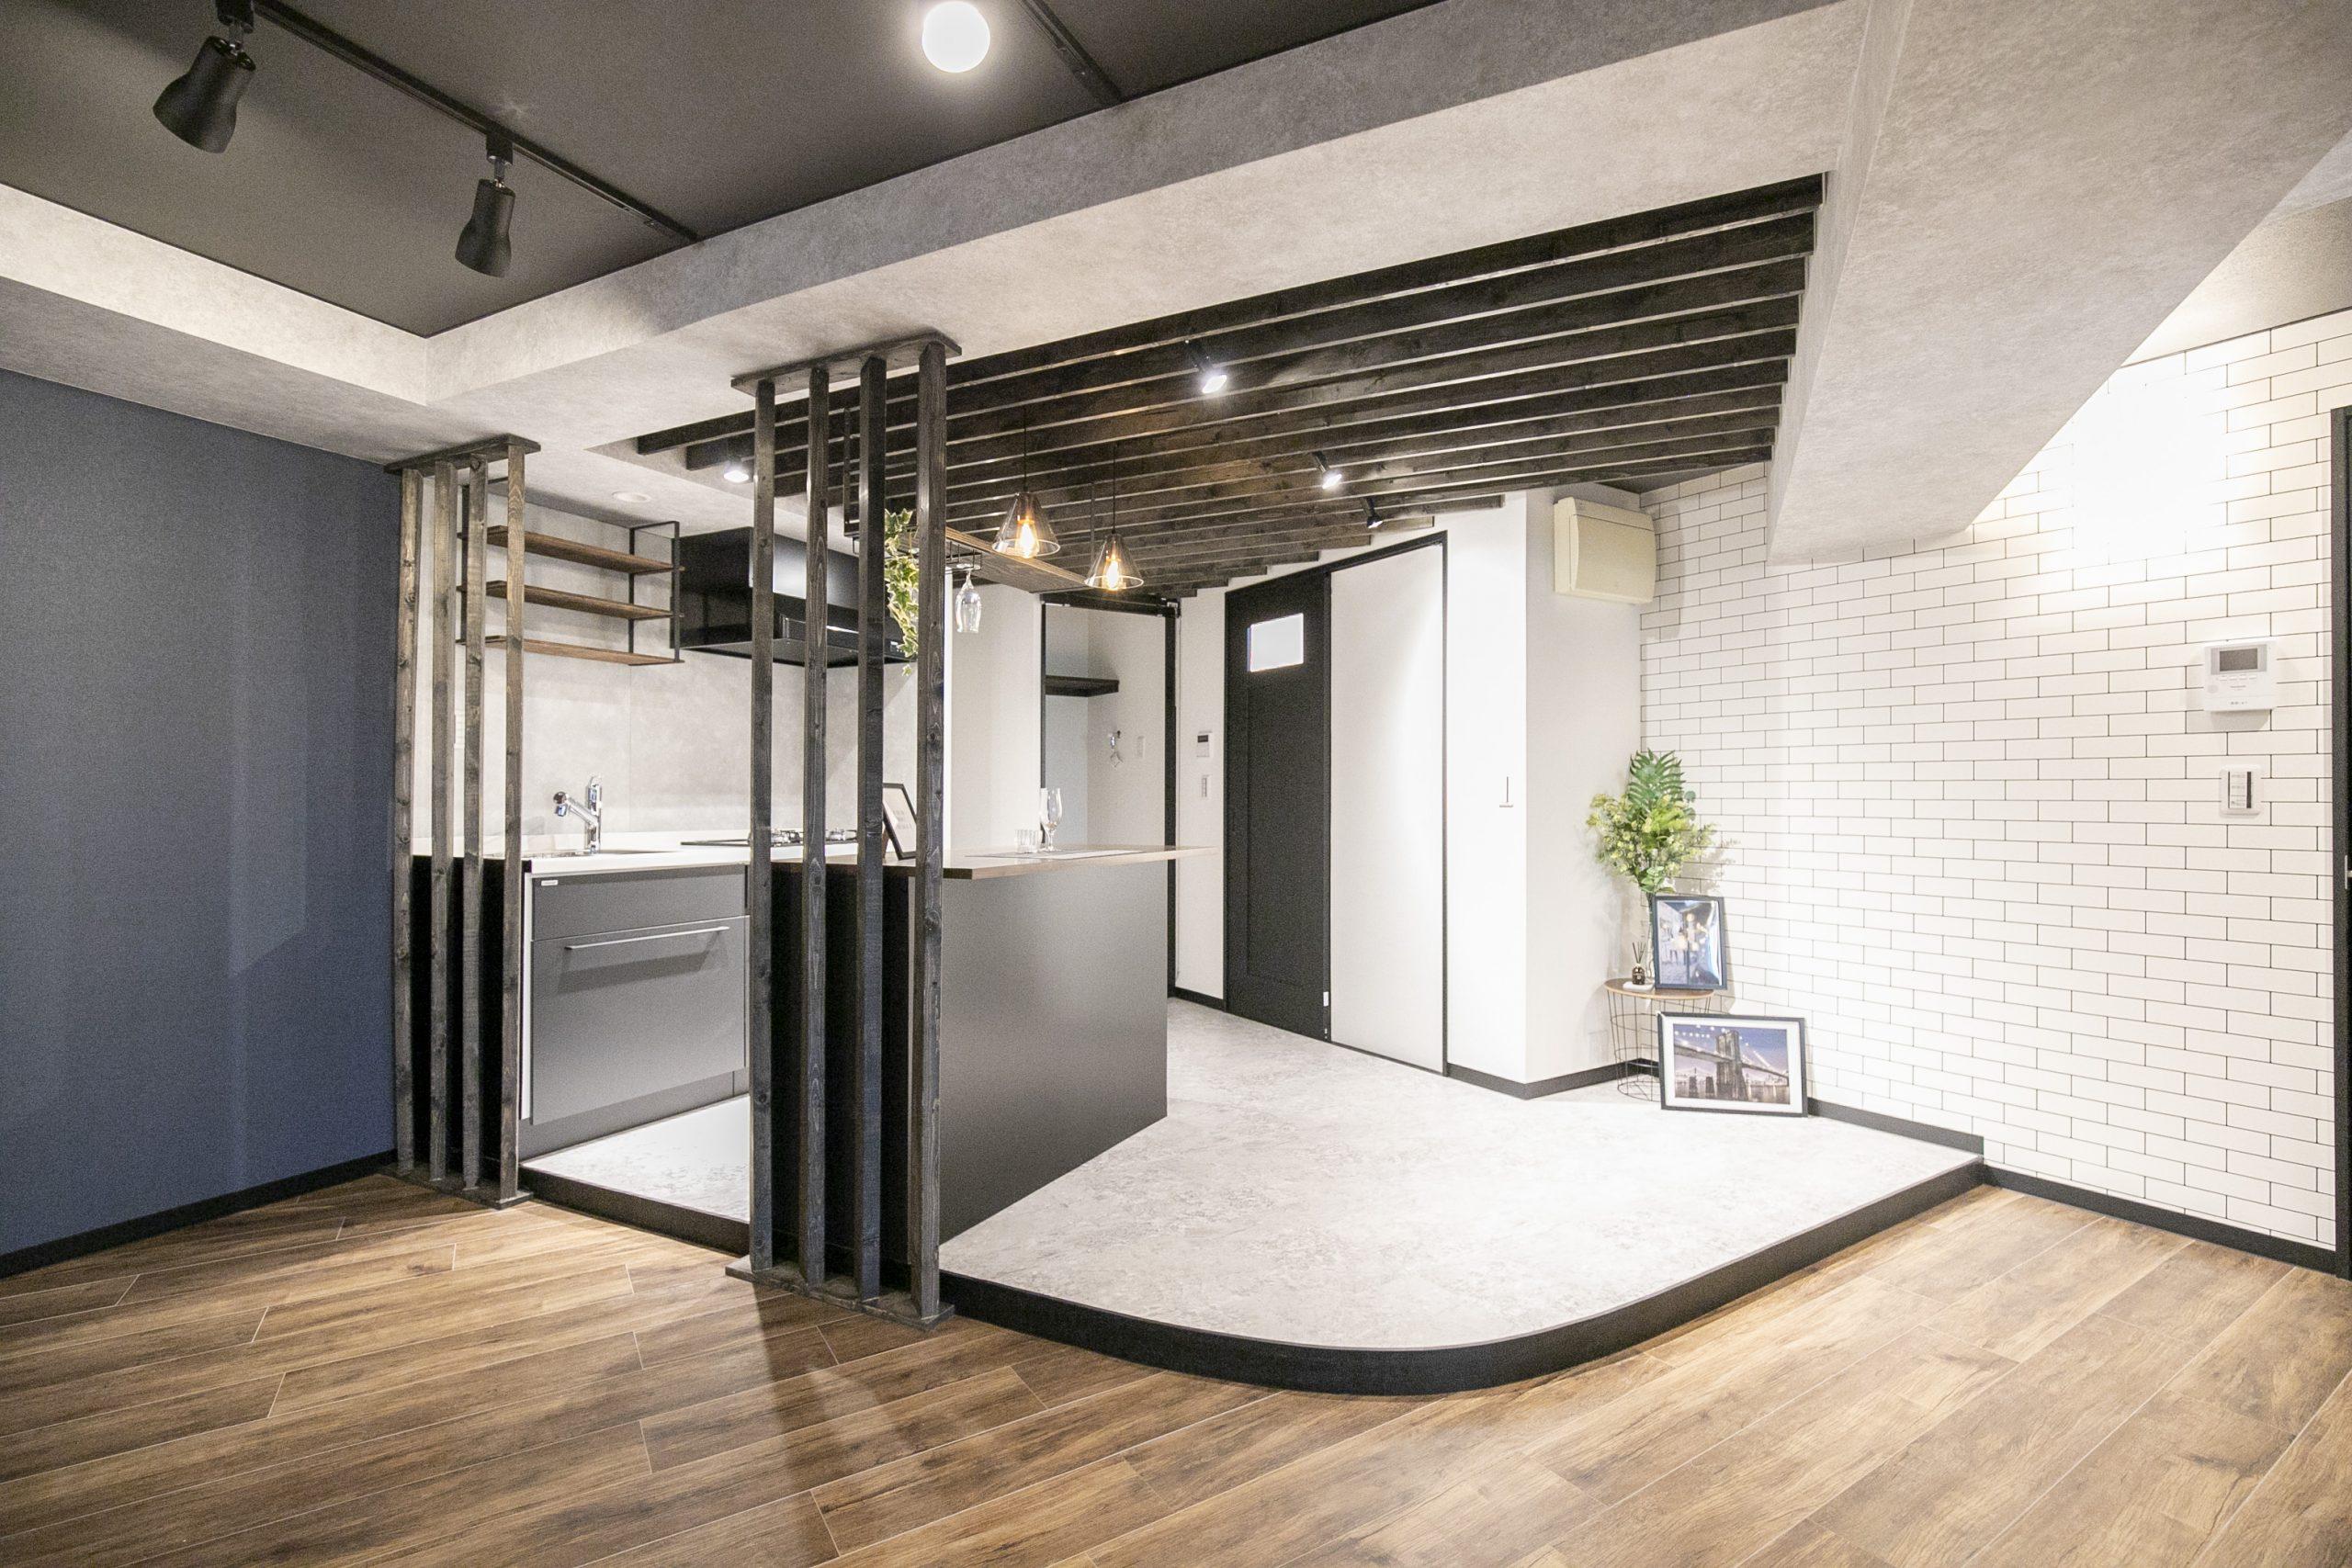 渋谷 他とは違う、インダストリアルな雰囲気の部屋